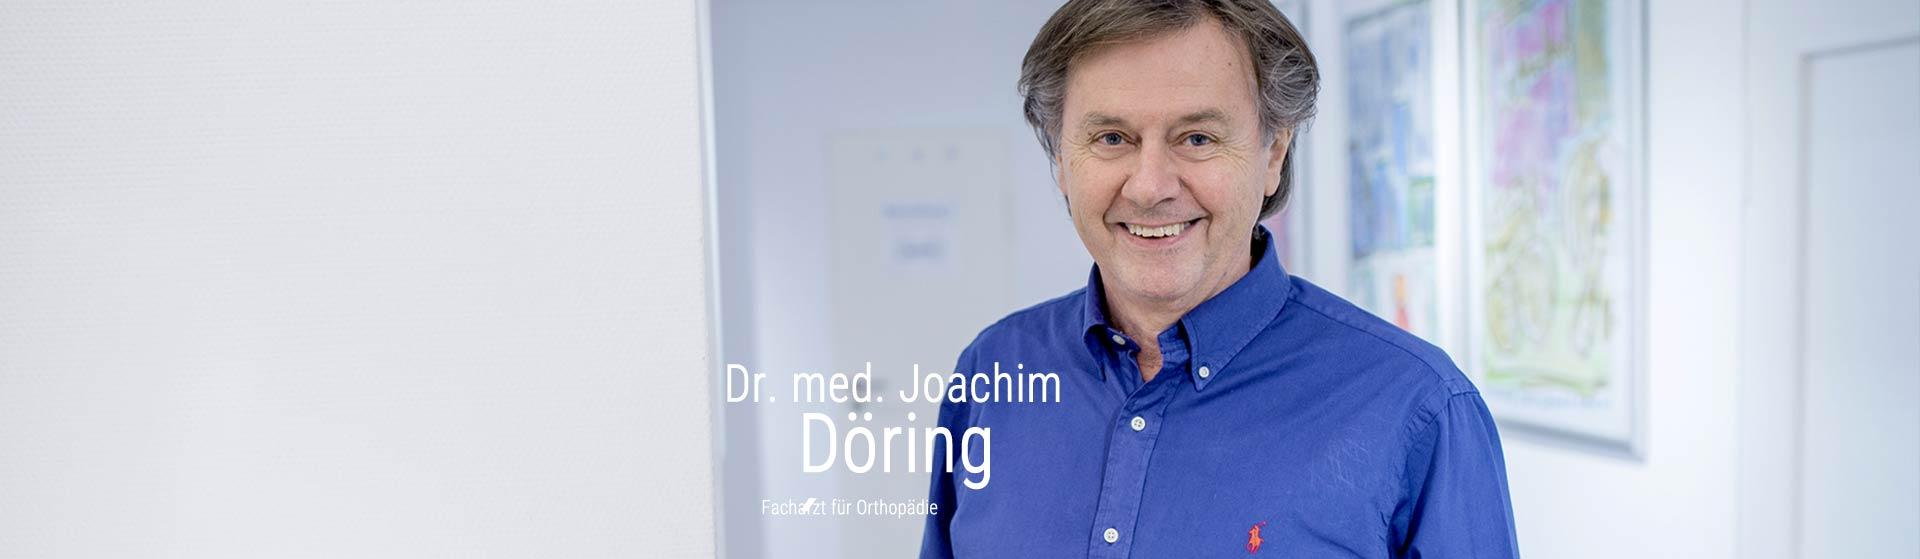 Dr Meschede Kollegen Orthopadie An Der Theatinerstrasse